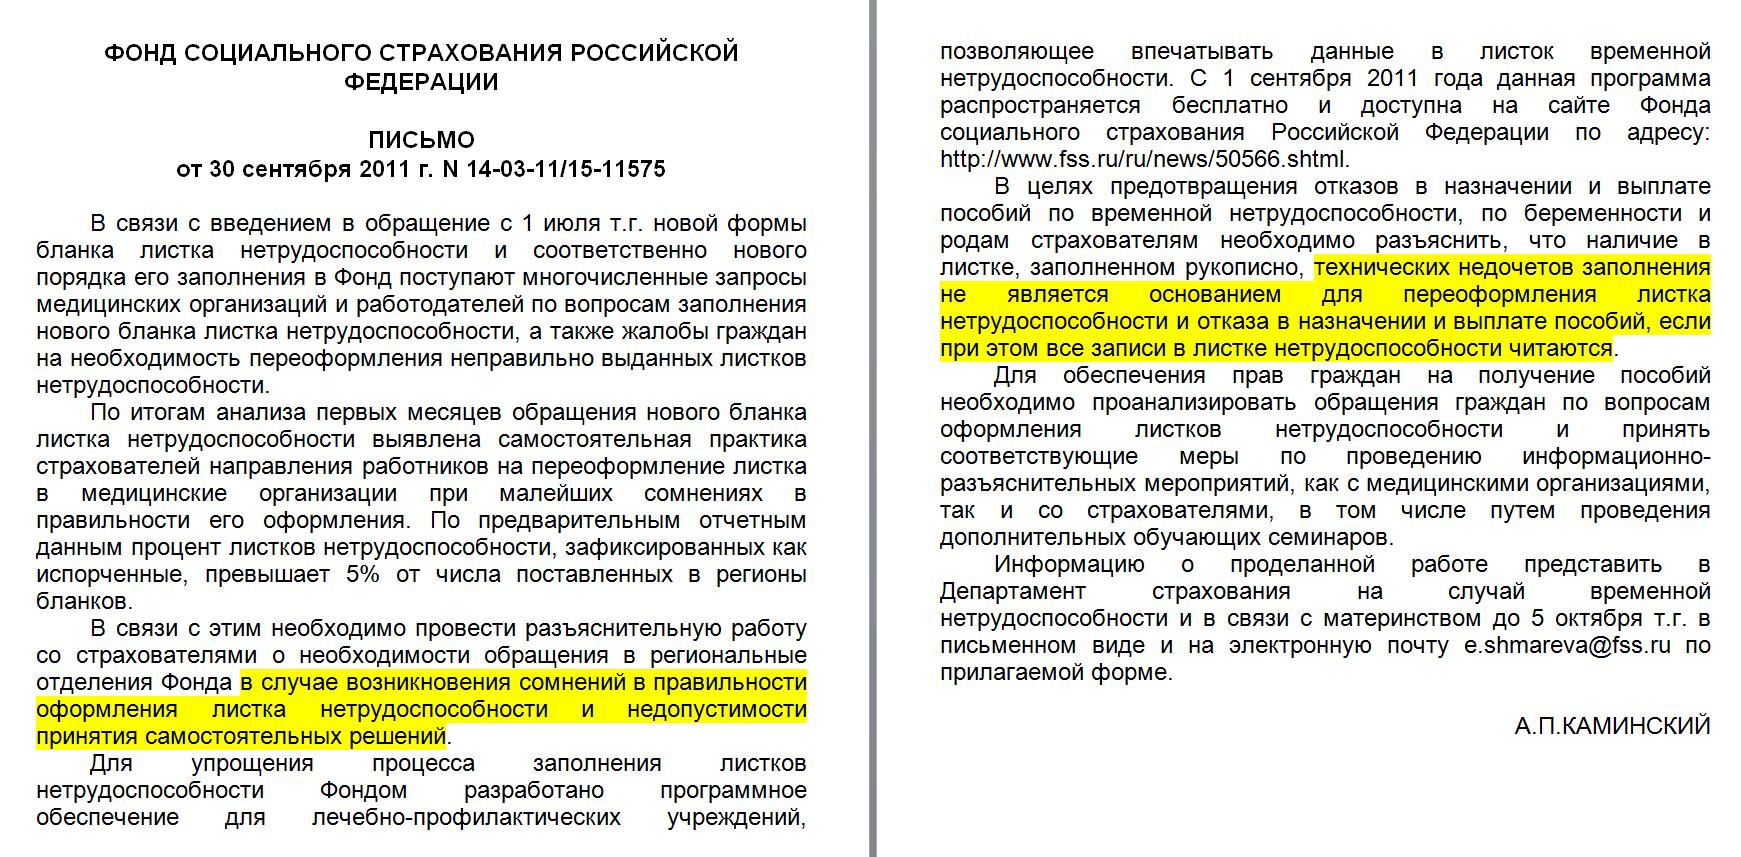 письмо ФСС о недопустимости самостоятельных решений